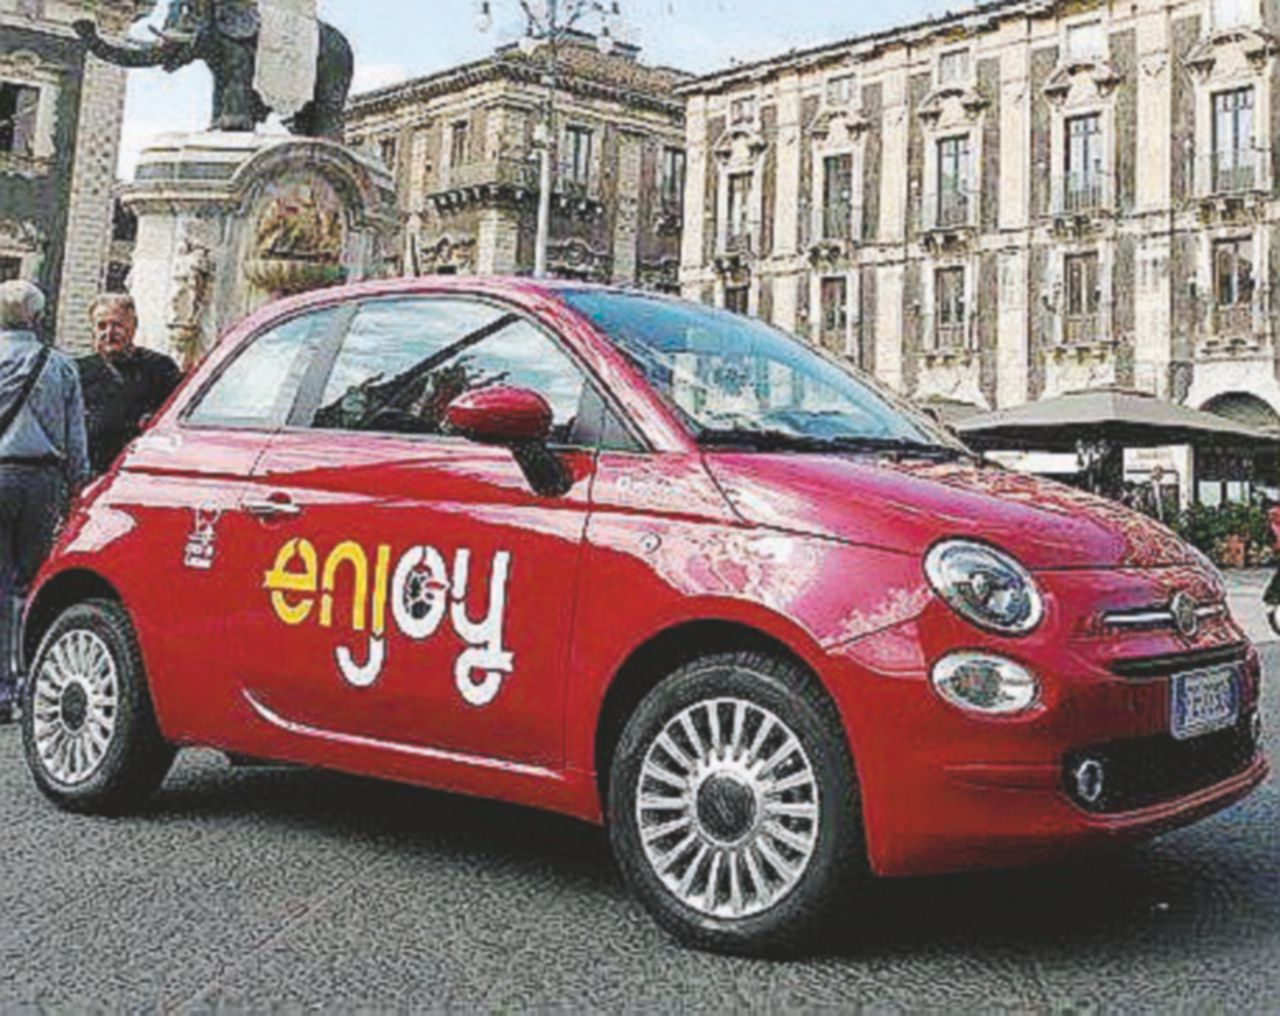 Car sharing, cento auto Enjoy rubate e rivendute in pezzi: danno da 1,5 milioni di euro